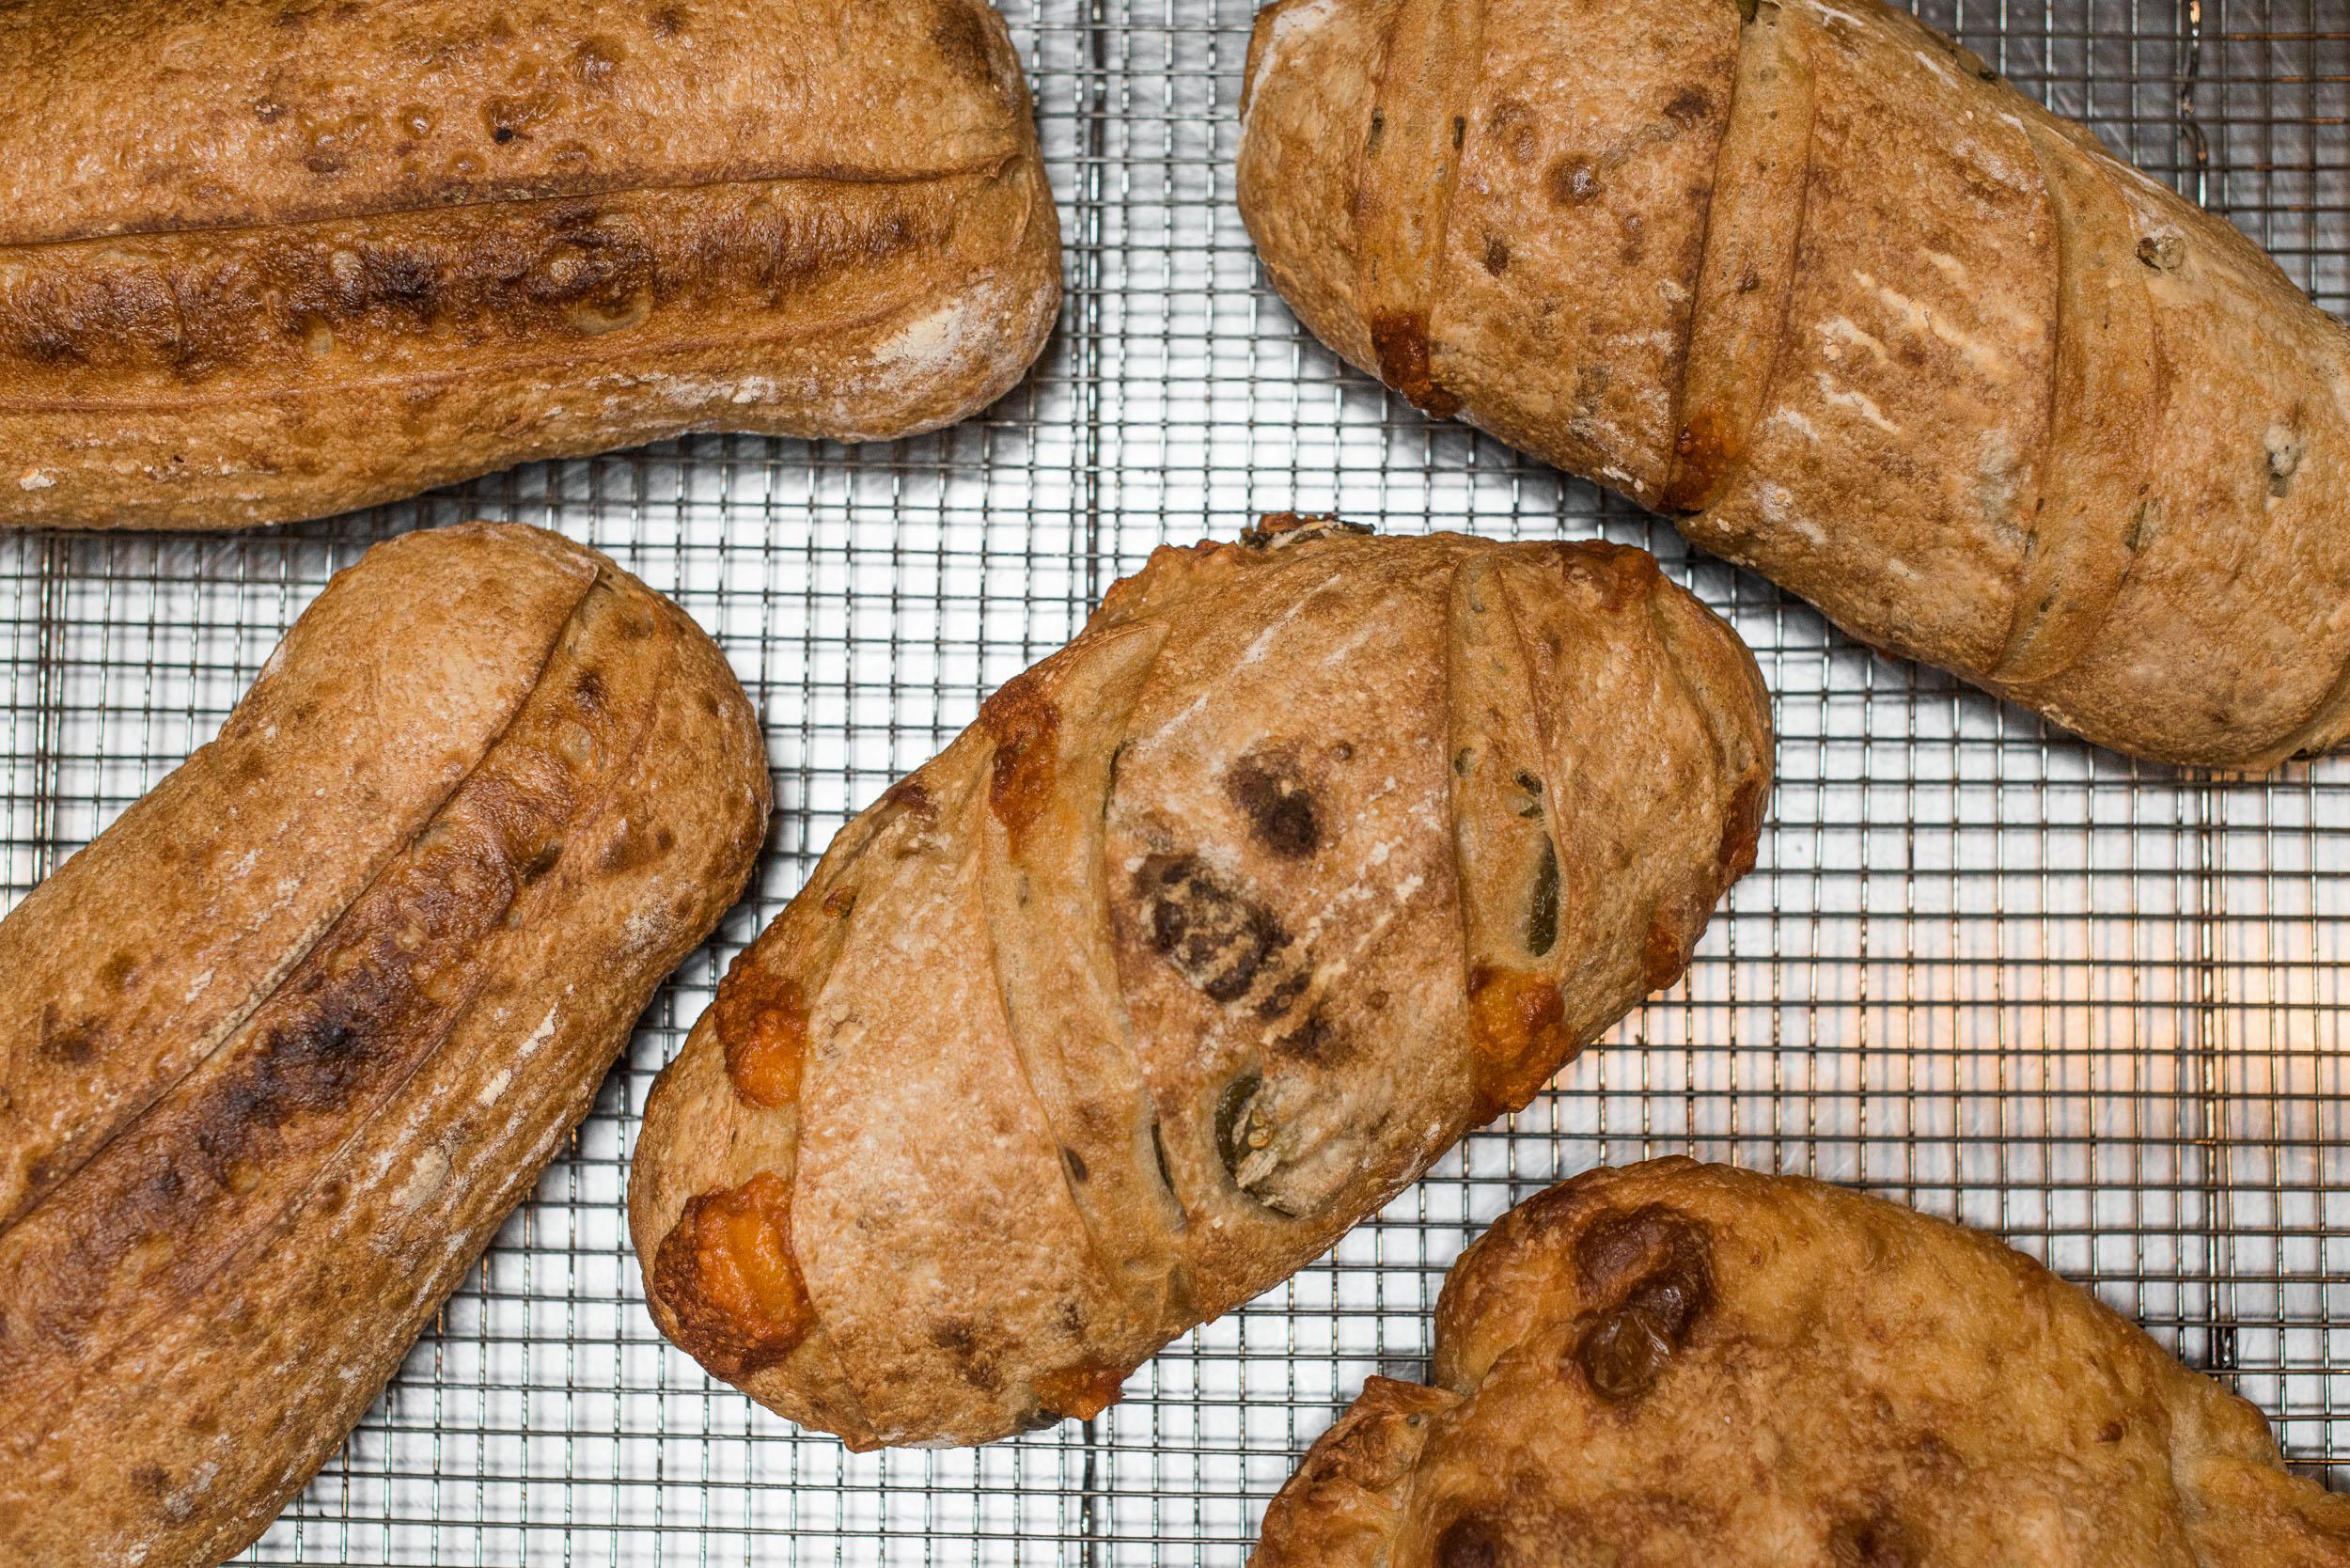 House-made sourdough breads and focaccia